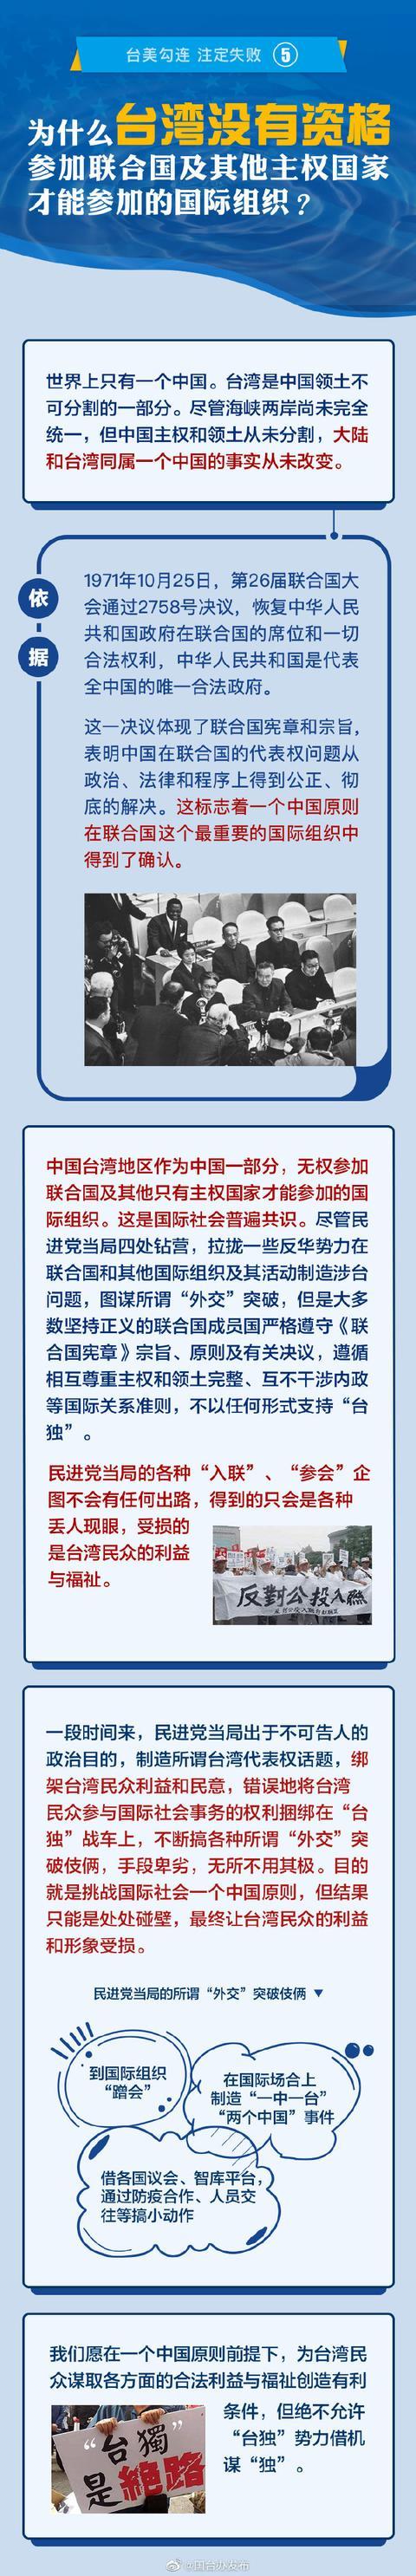 为什么台湾没资格参加联合国等国际组织? 全球新闻风头榜 第1张